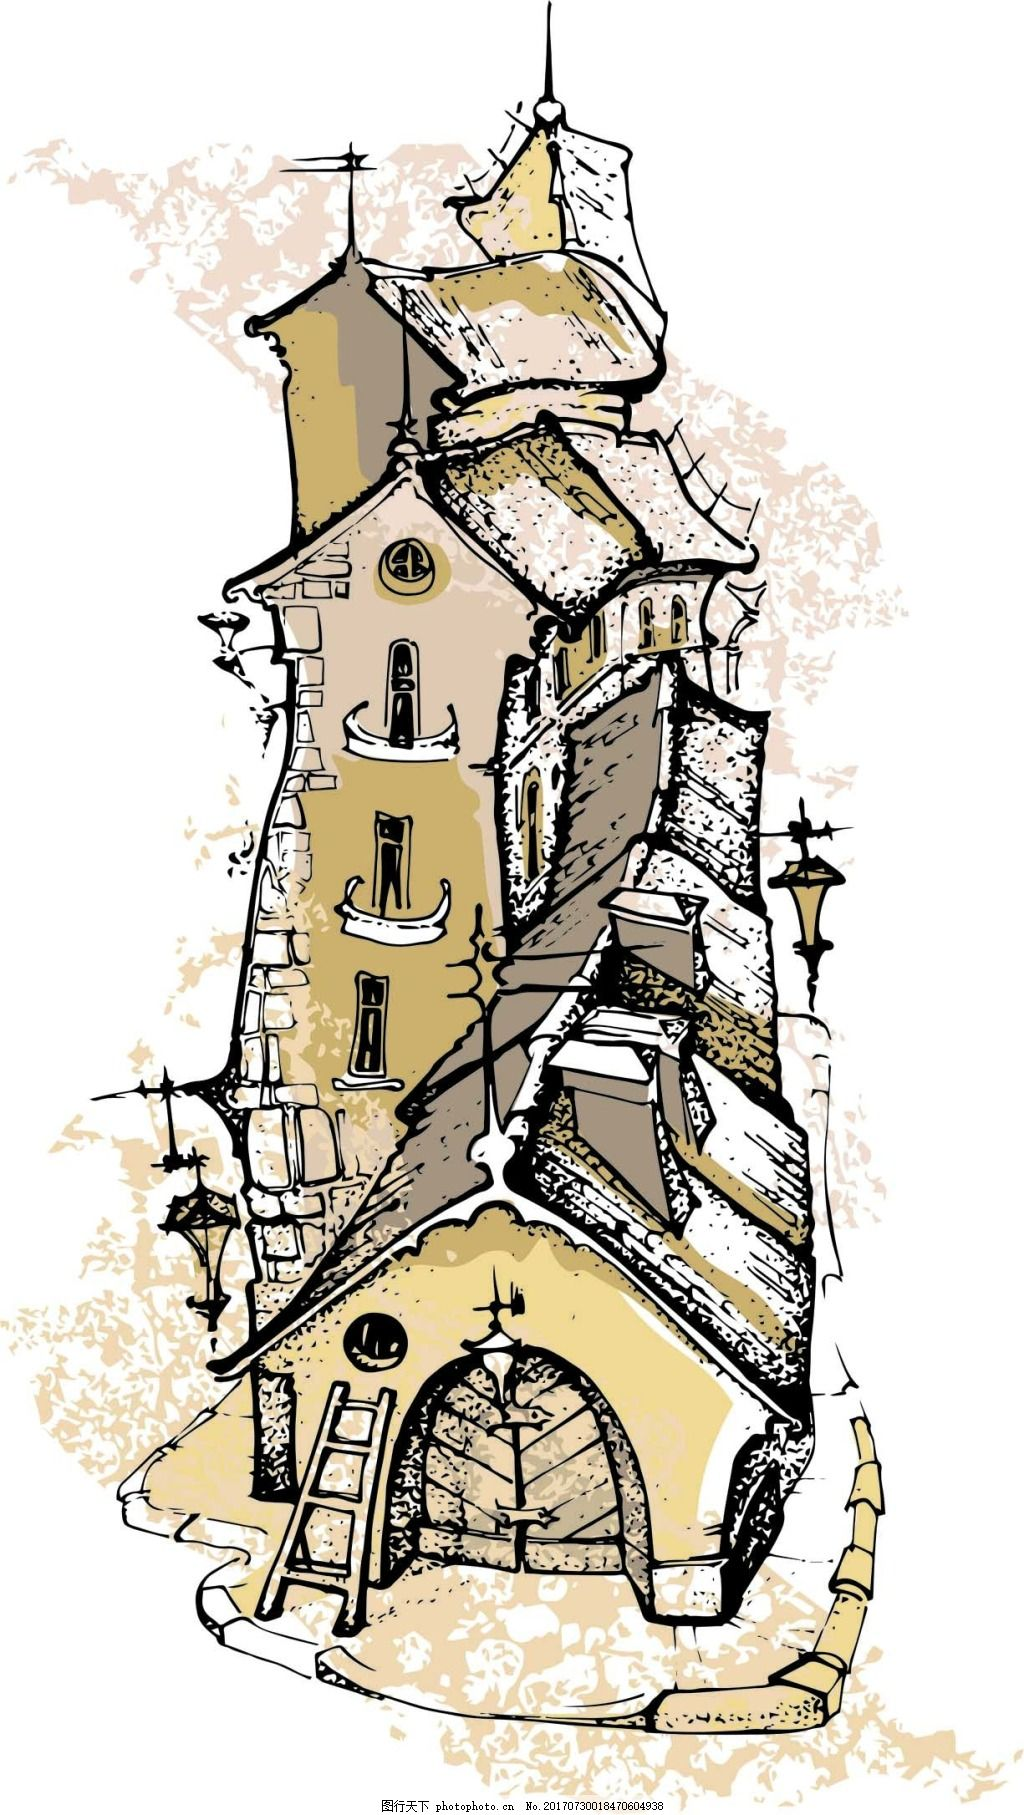 复古手绘建筑插画 房子 创意 复古 手绘 水彩绘 城市 建筑 古老 插画